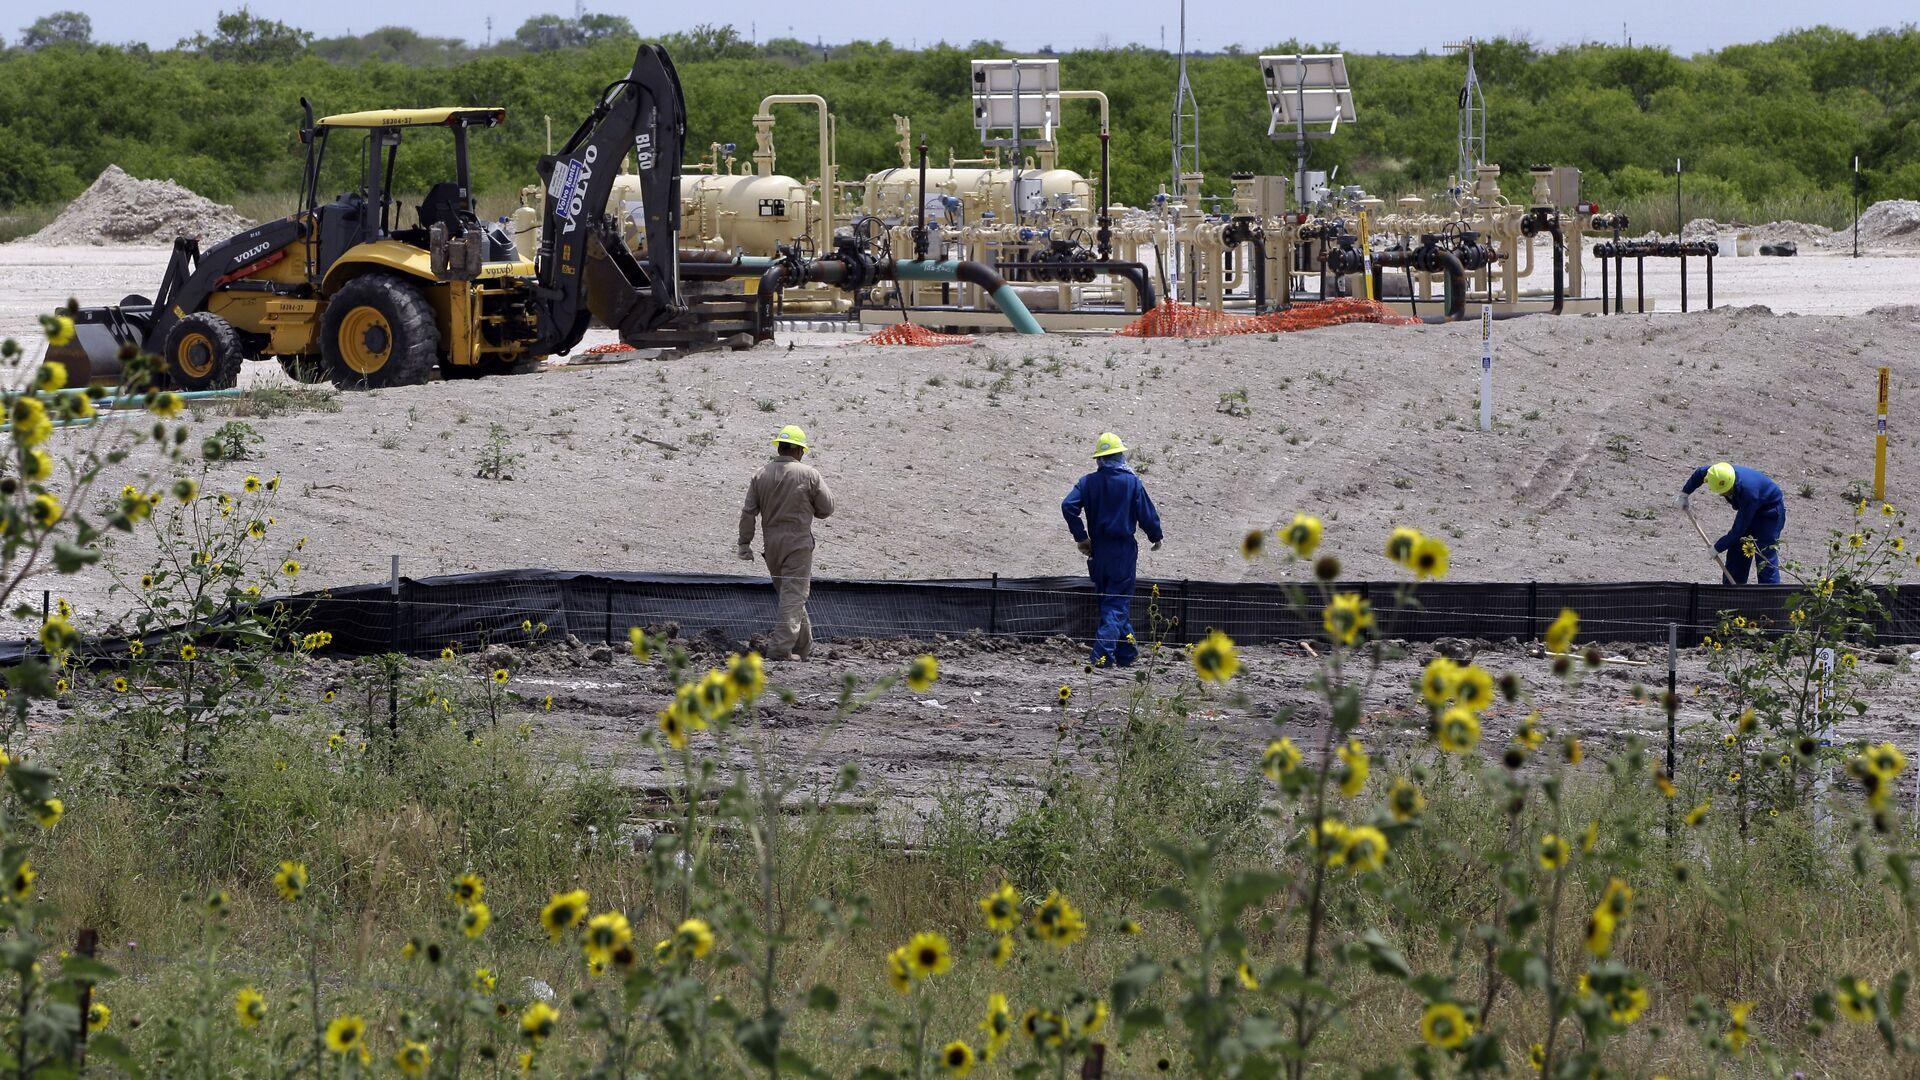 Добыча сланцевого газа на месторождении Eagle Ford, штат Техас - РИА Новости, 1920, 28.09.2021